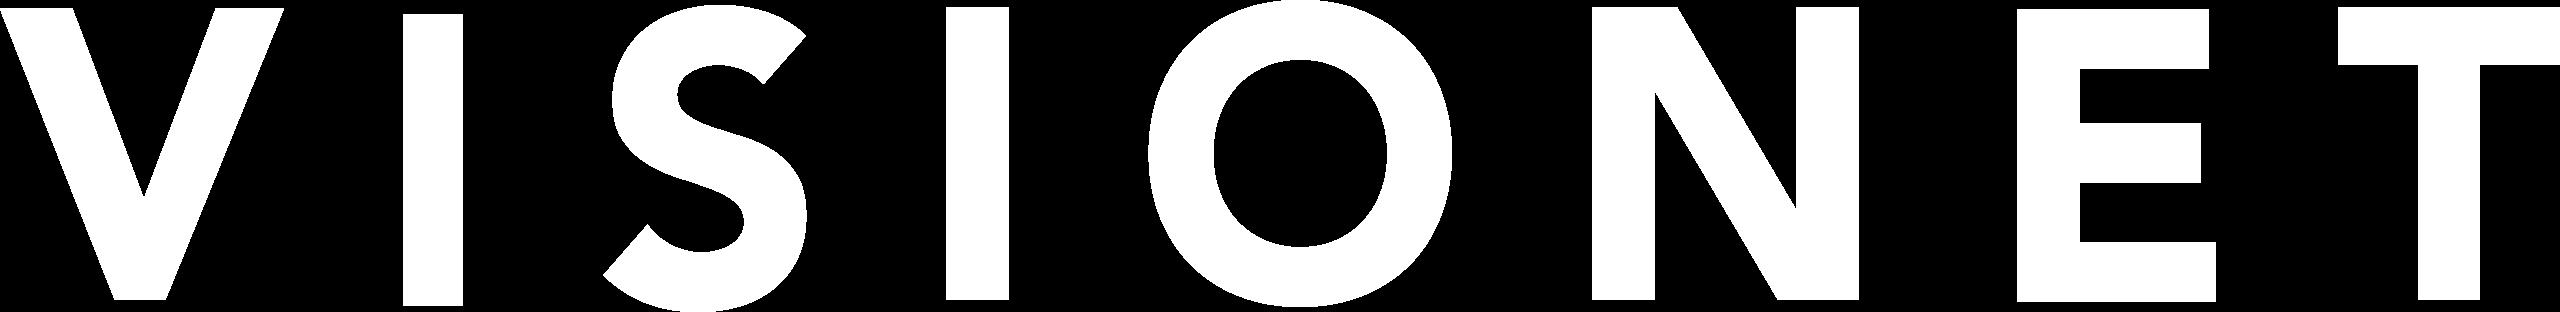 MicrosoftTeams-image (52)